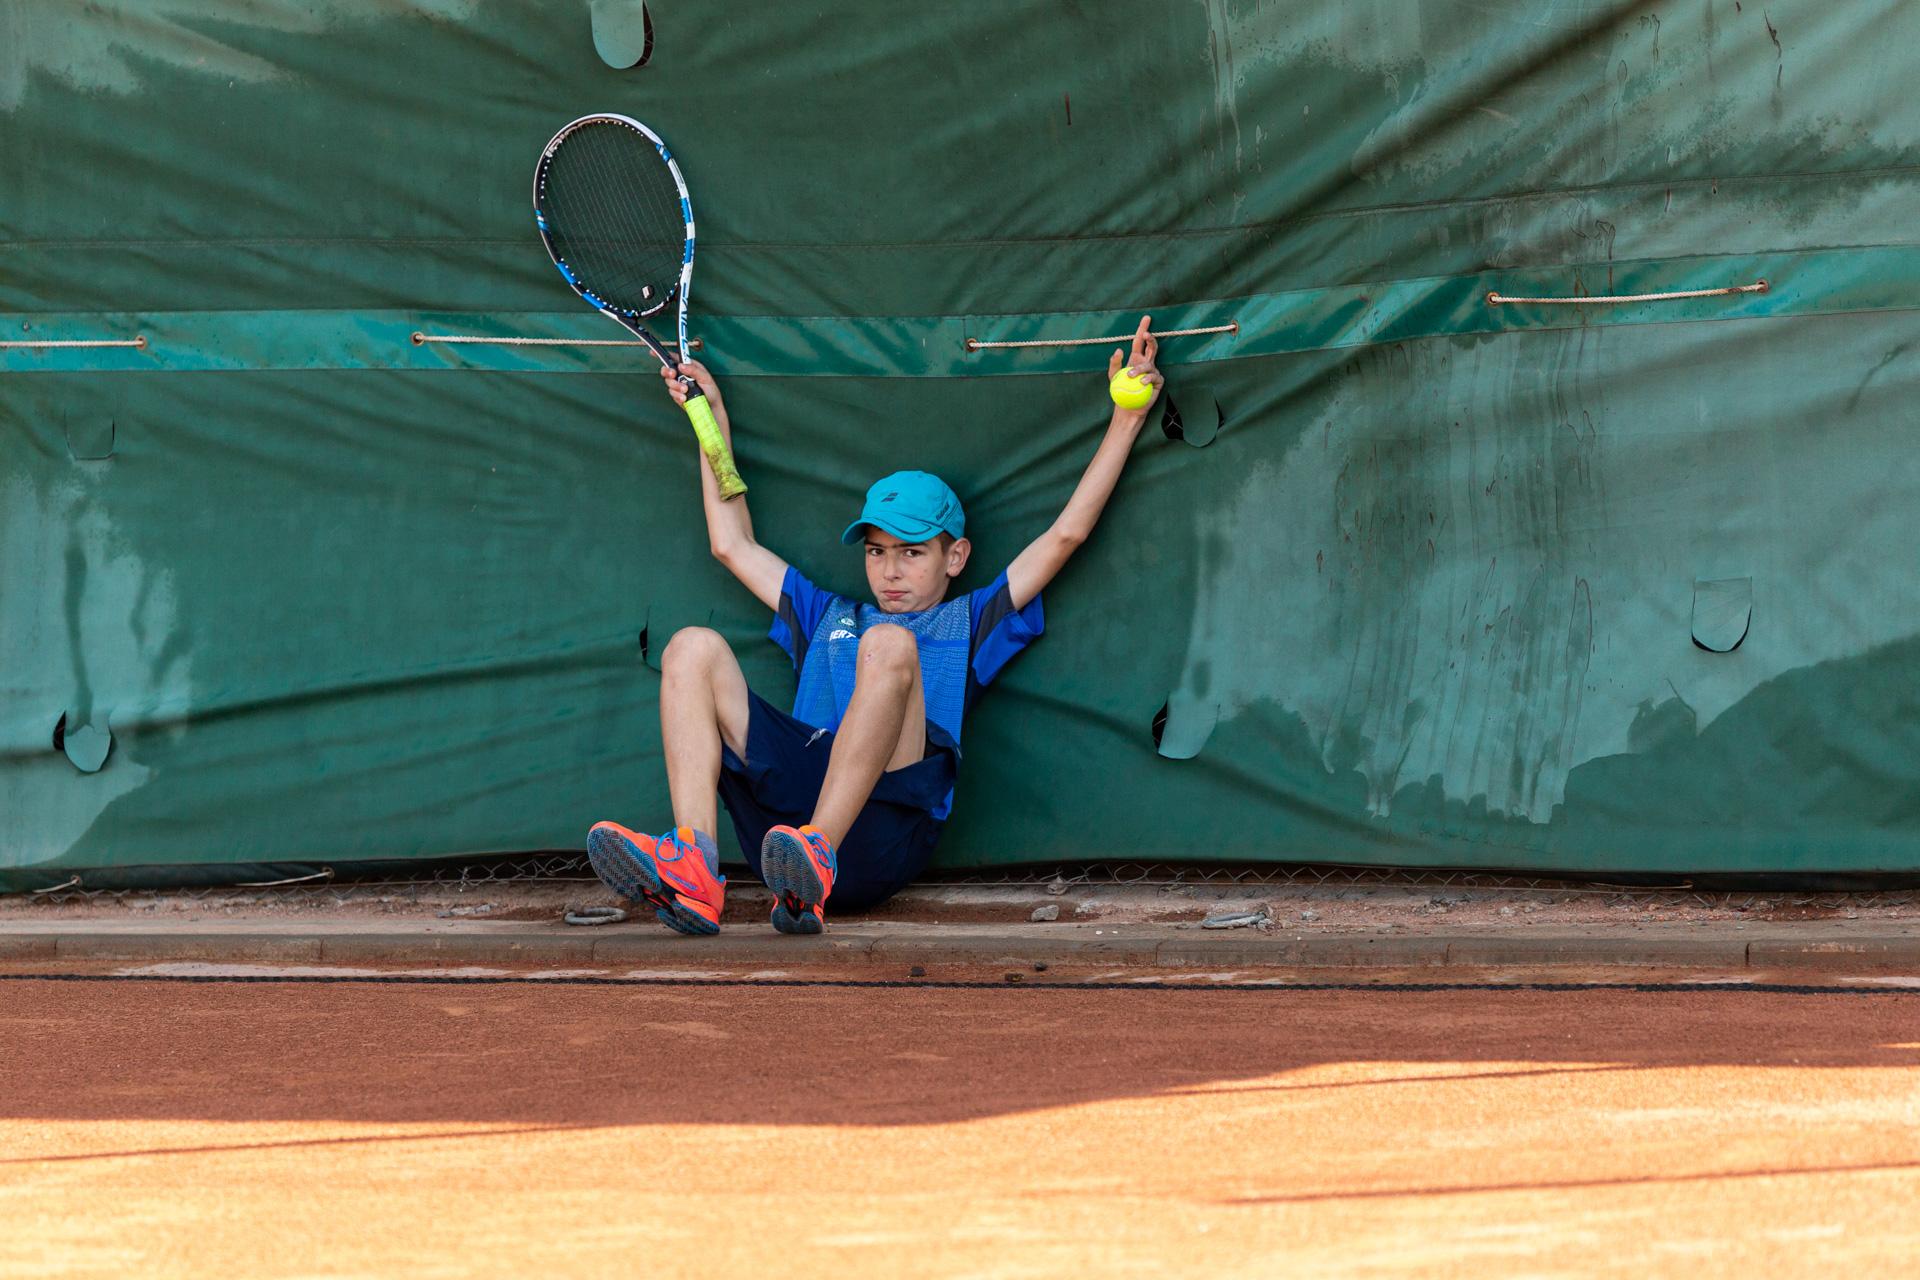 Baschet, tenis şi balet